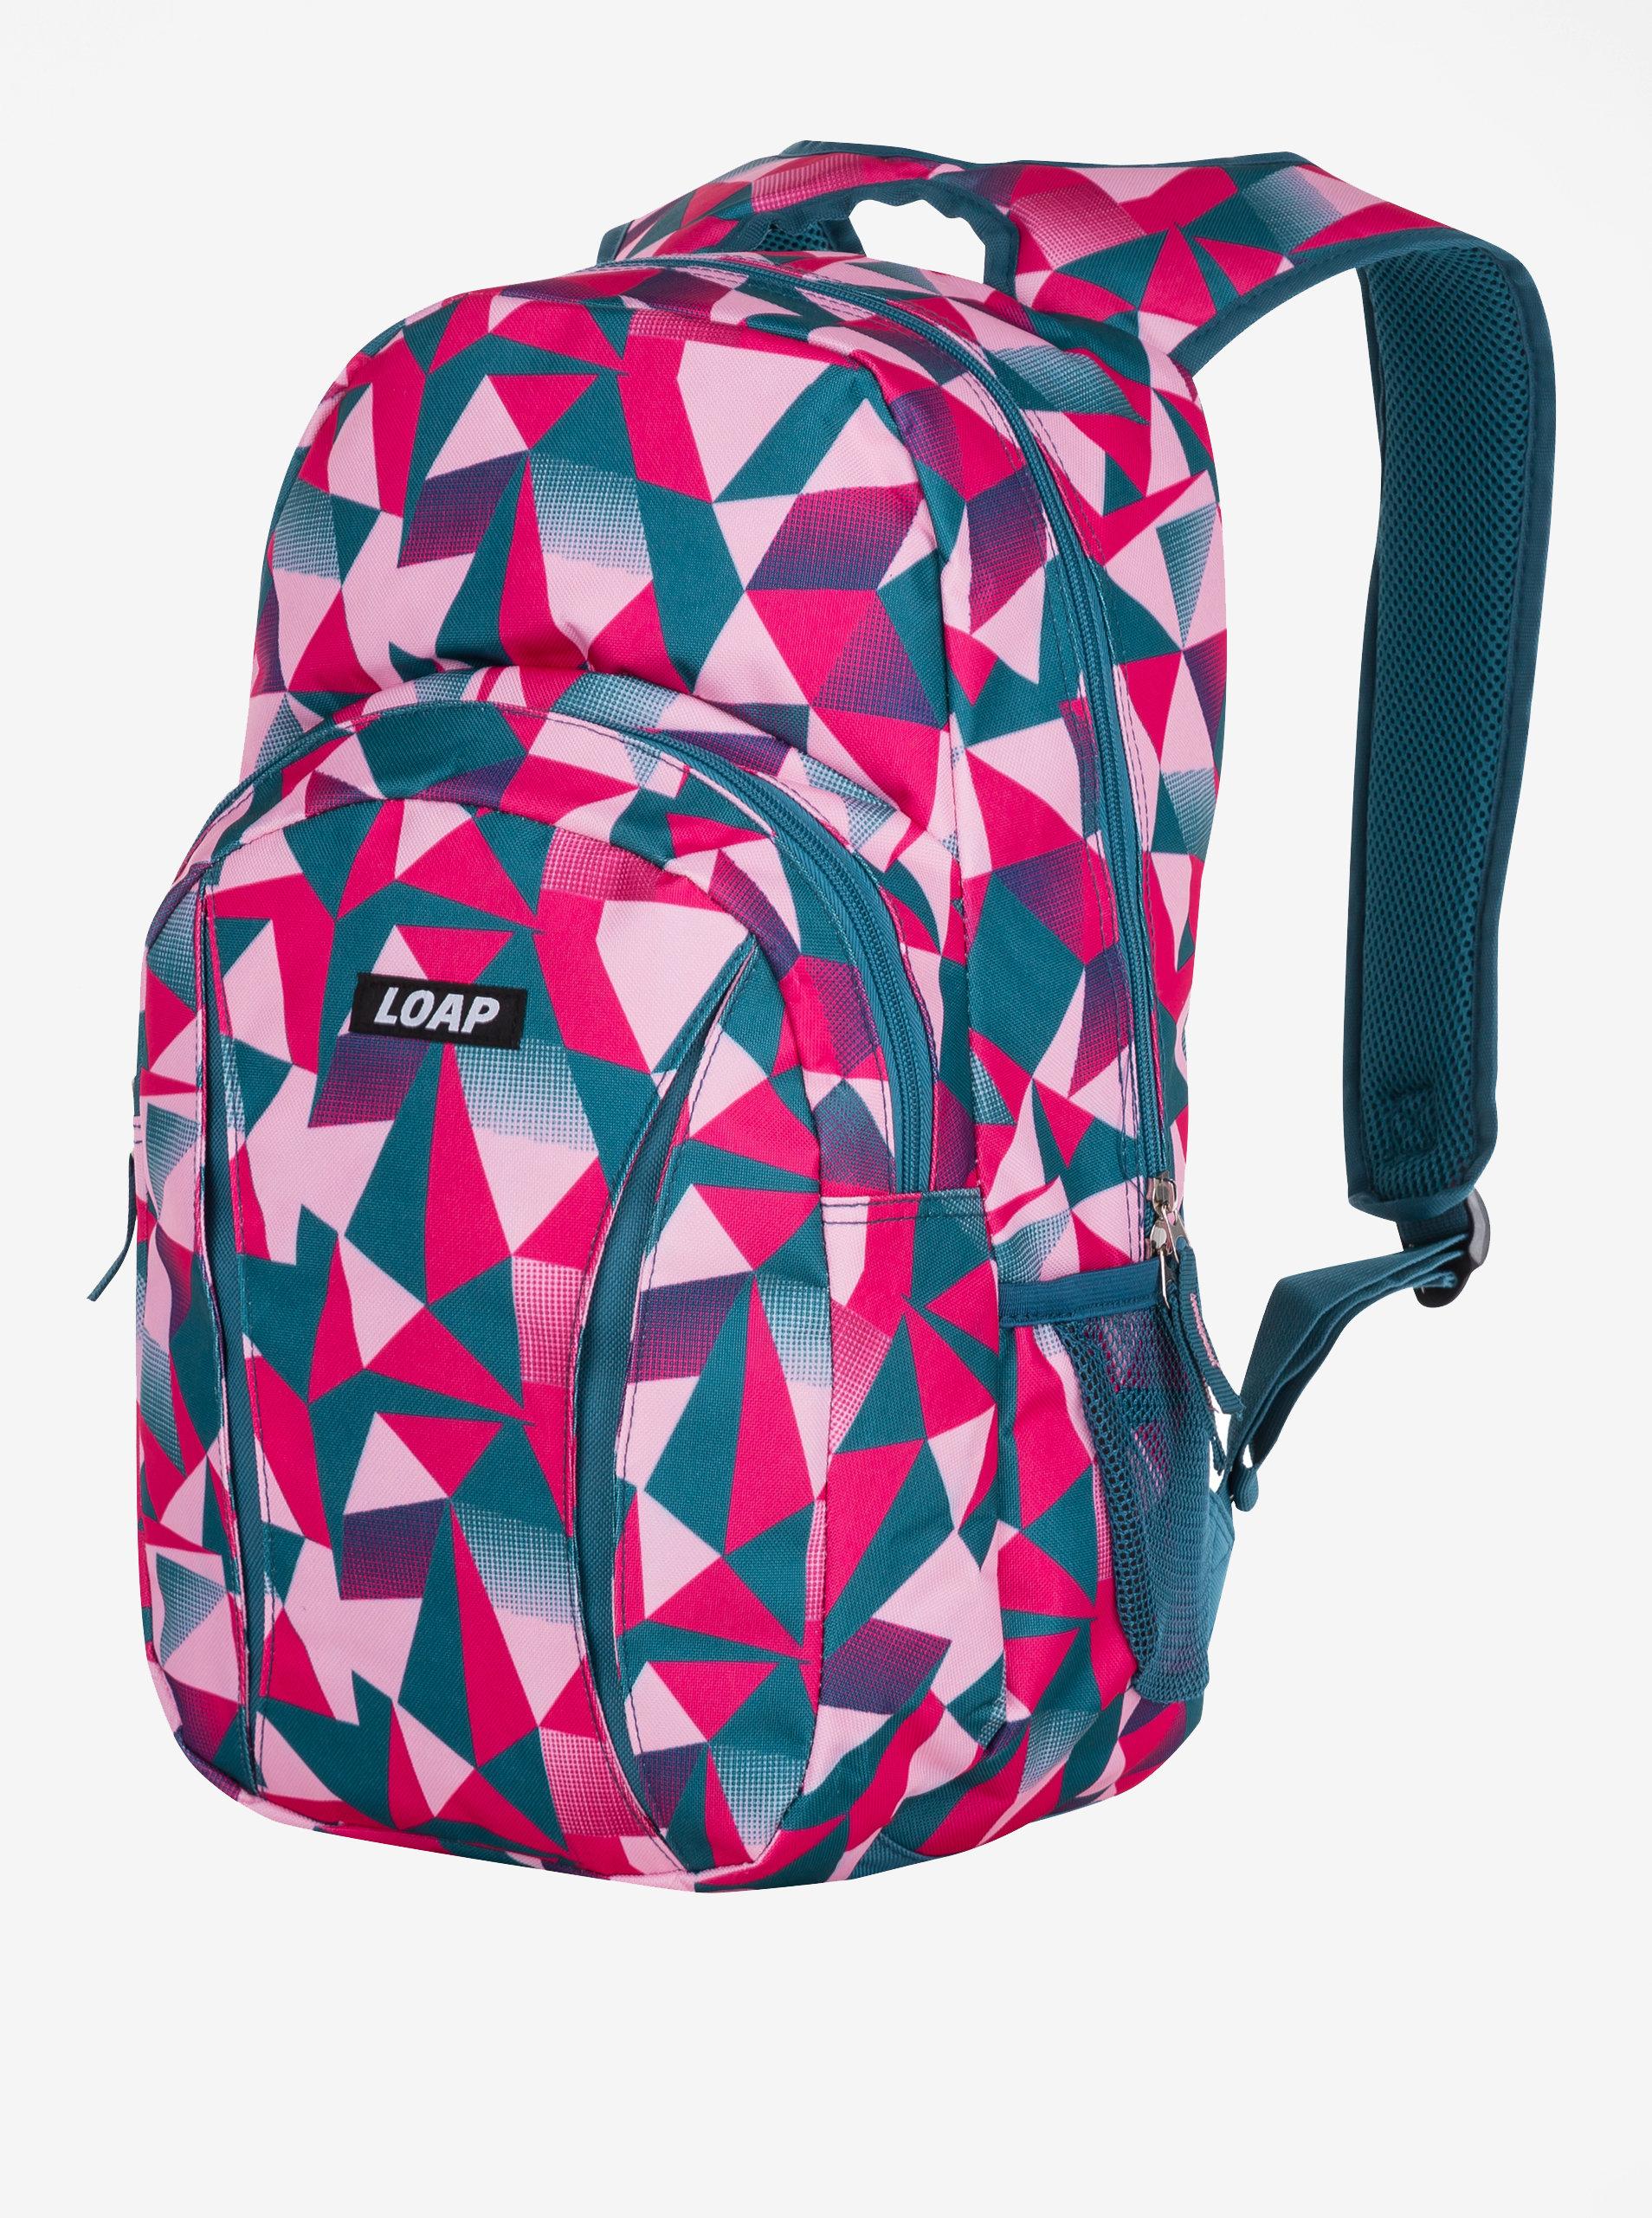 Petrolejovo-růžový vzorovaný batoh LOAP Asso 20 l ... 8f83e43bbd